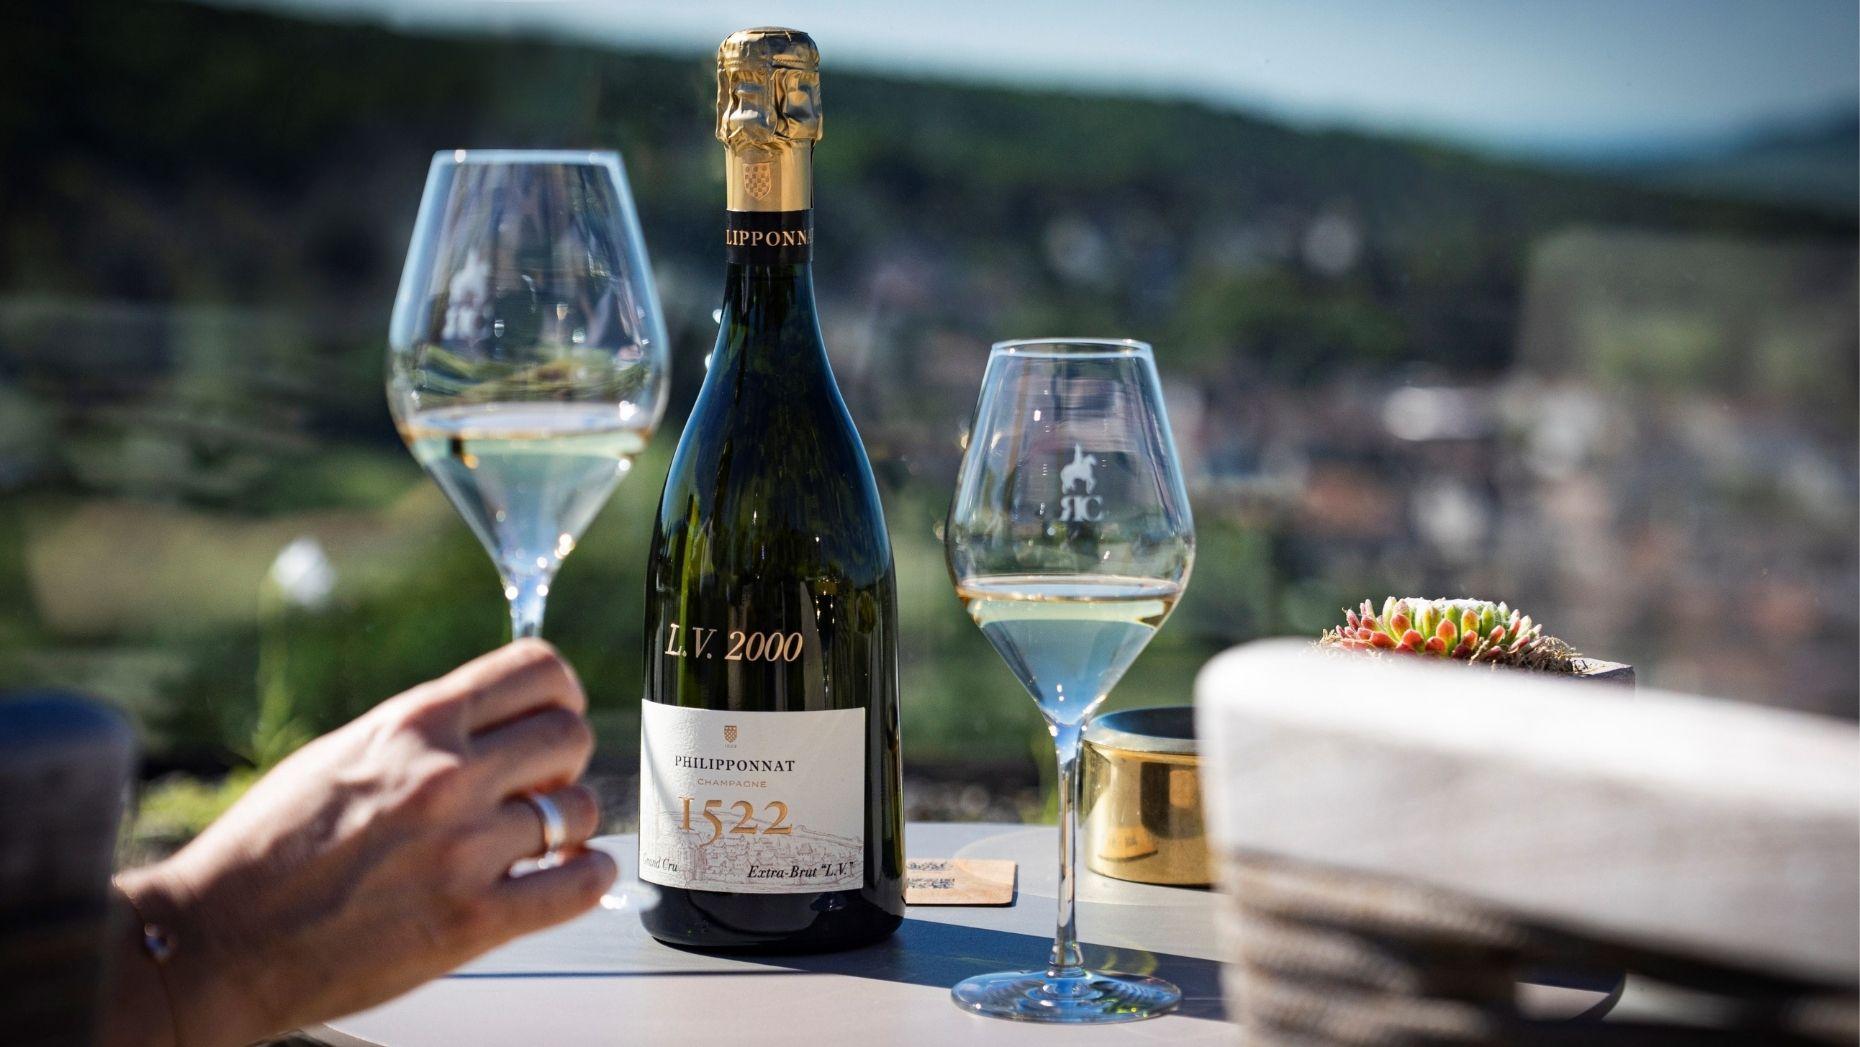 Les beaux jours - Champagne Philipponnat